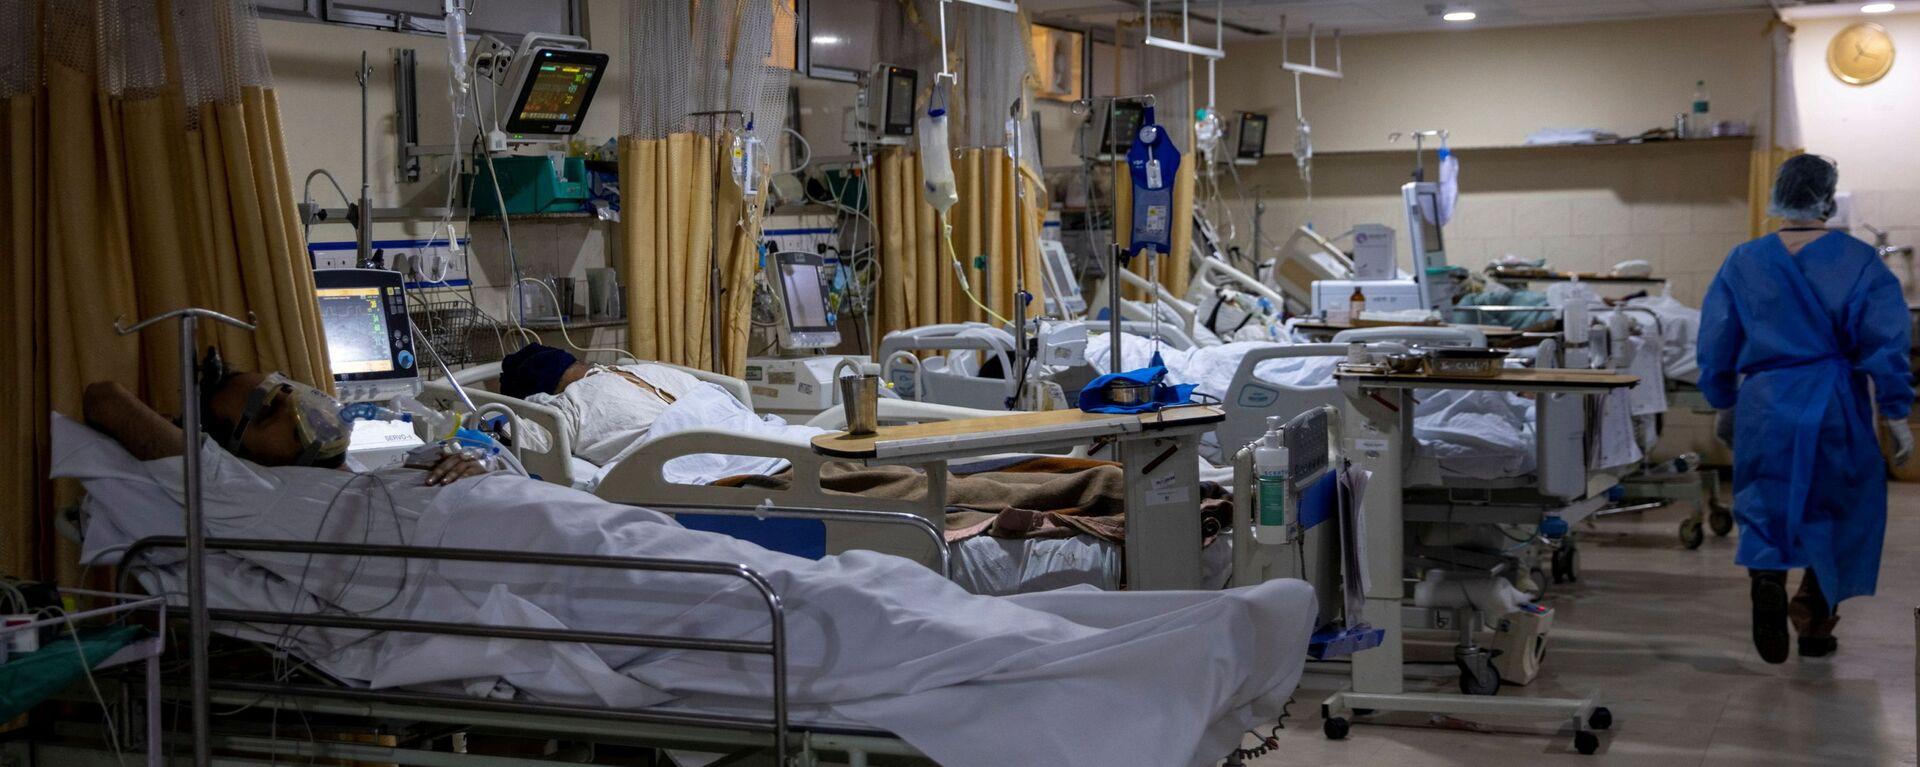 Malati di COVID-19 ricoverati nelle terapie intensive dell'ospedale Sacra Famiglia di Nuova Delhi in India - Sputnik Italia, 1920, 19.05.2021